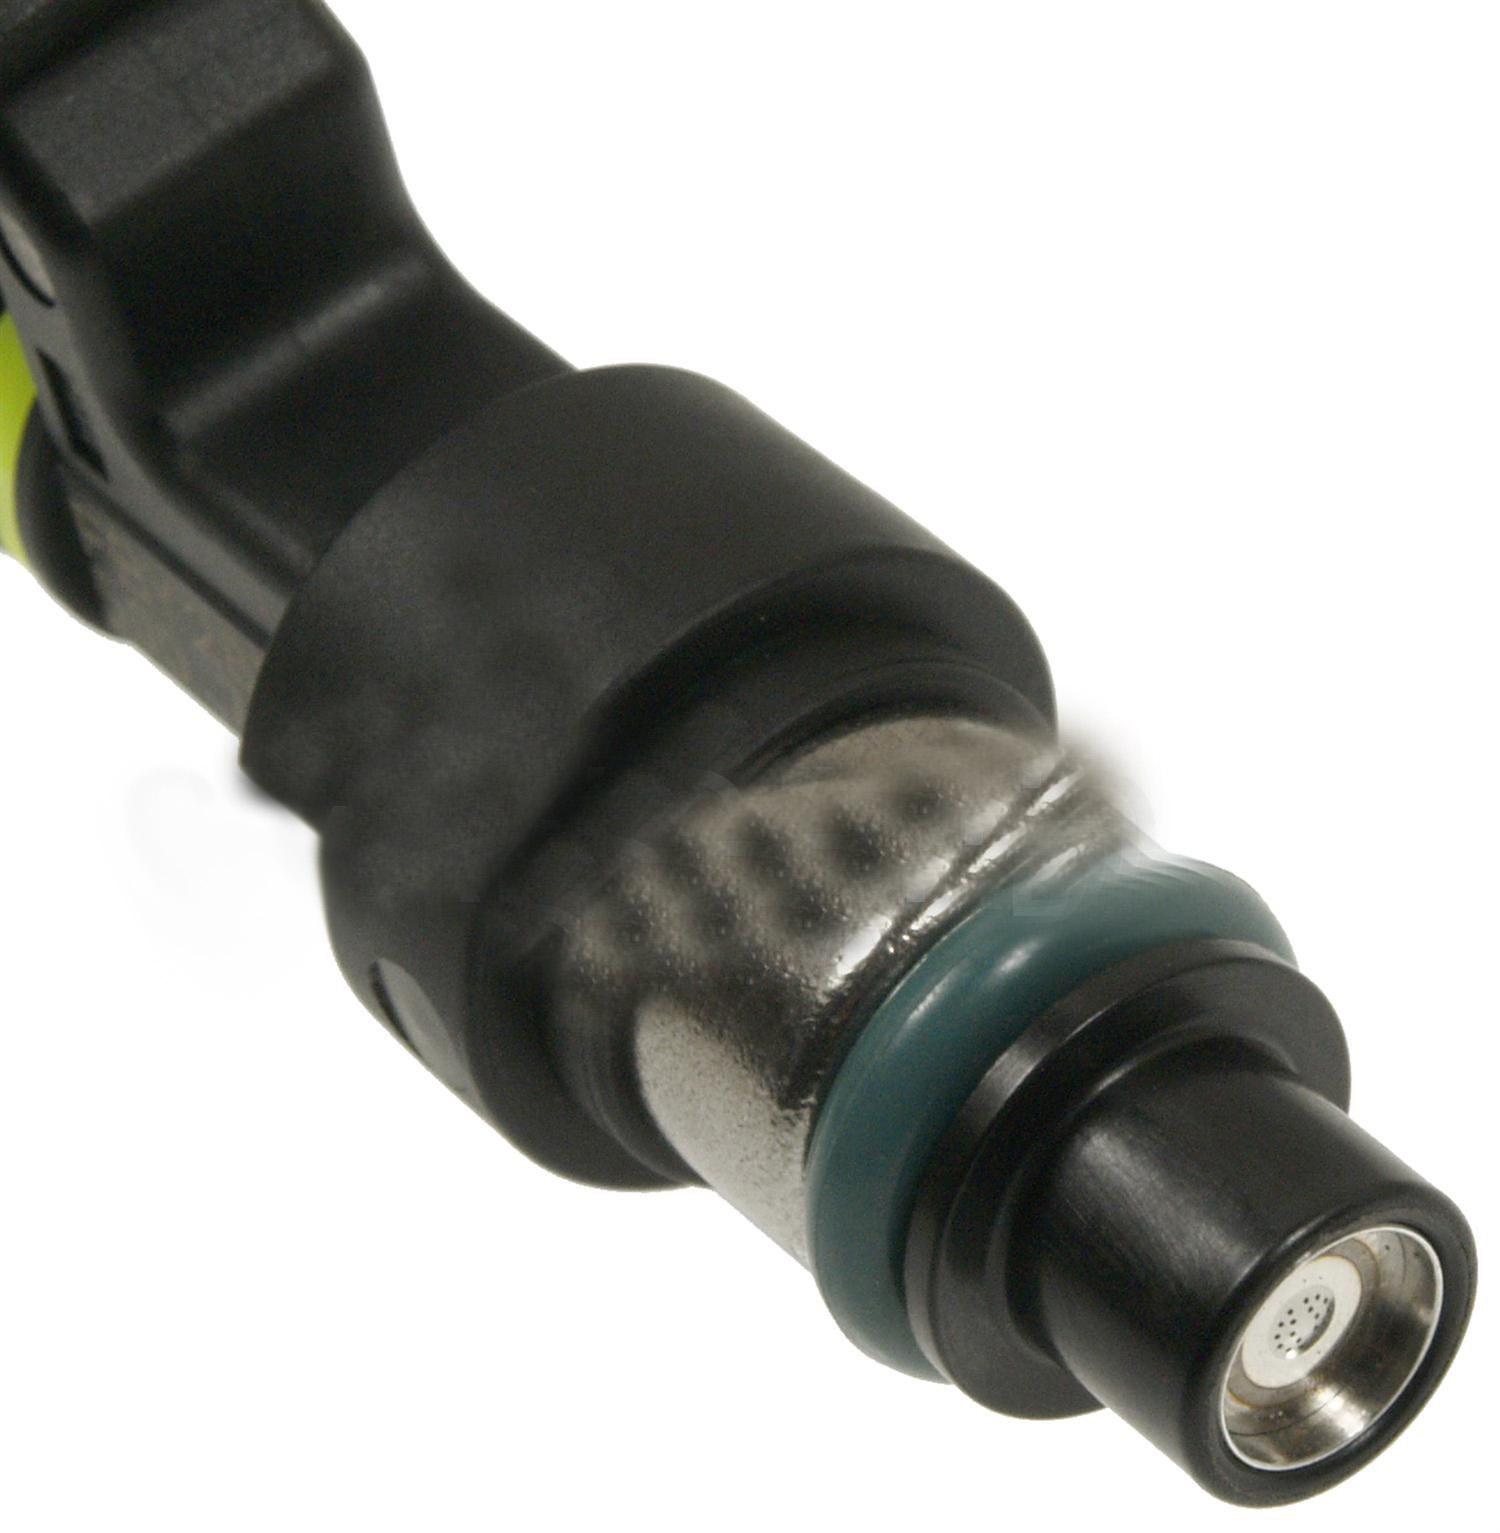 2008 nissan versa fuel injector